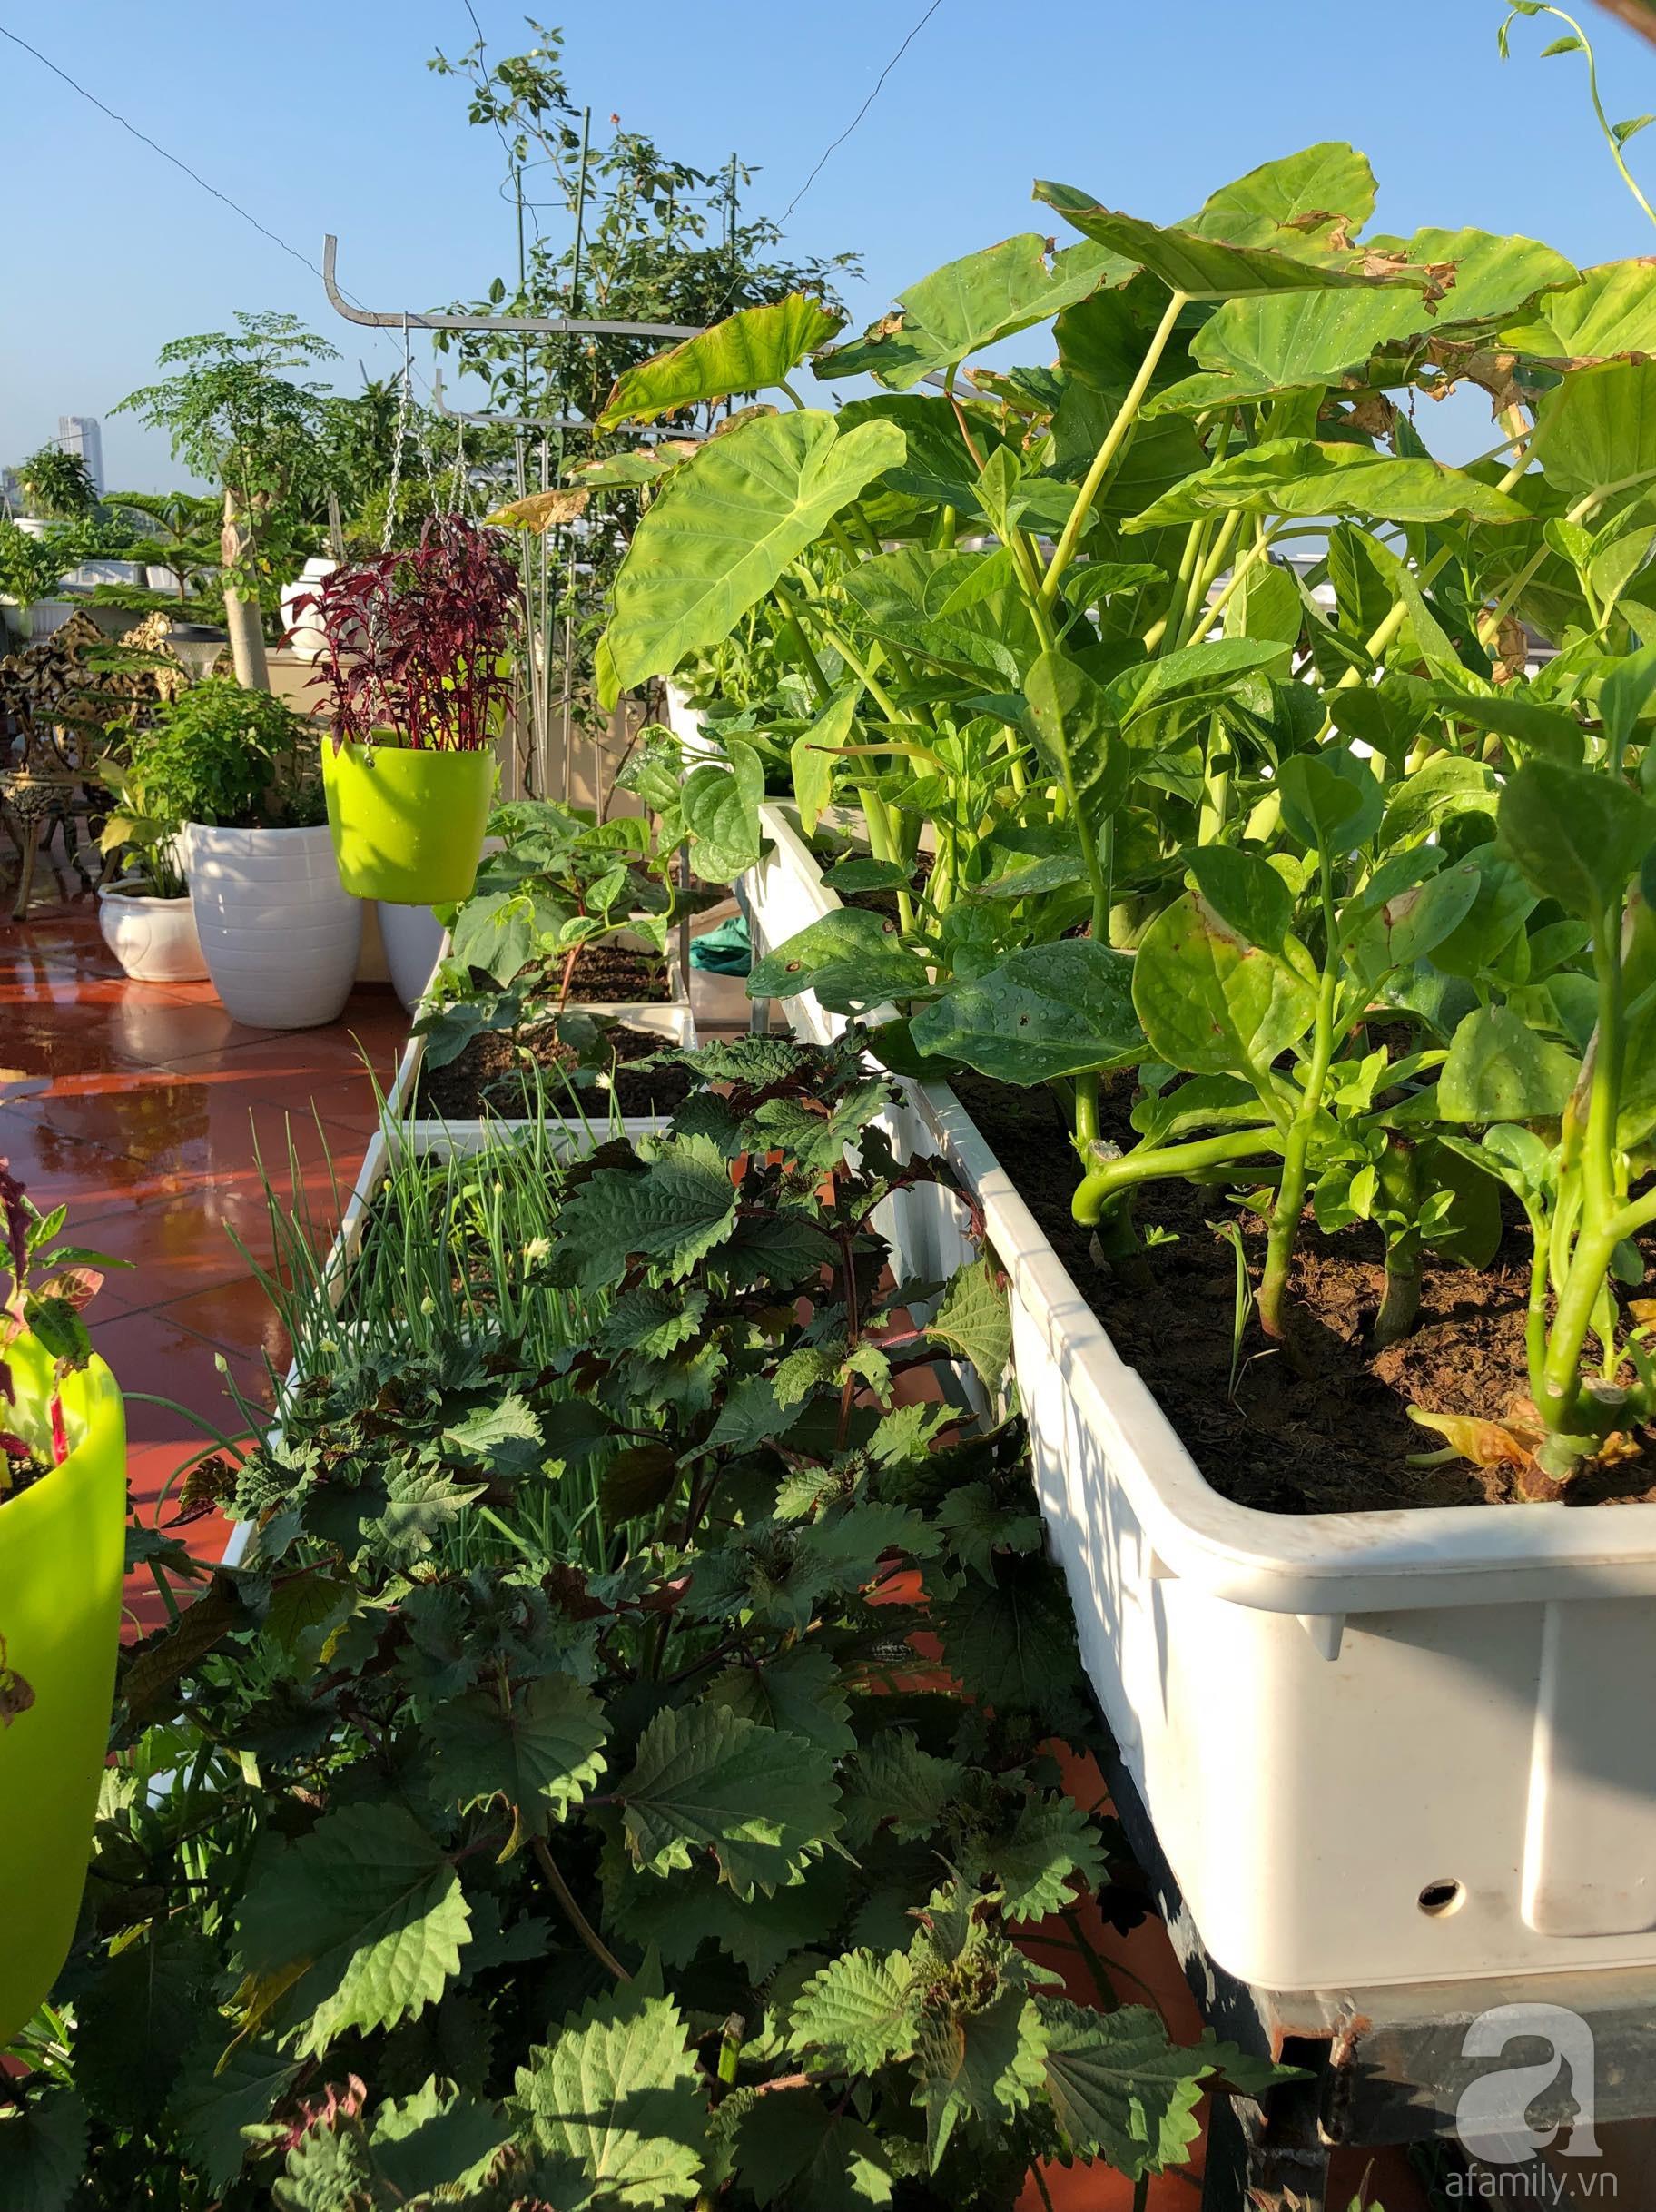 Vườn rau trên sân thượng bạt ngàn rau quả mùa hè của bà mẹ 3 con ở Hải Phòng - Ảnh 7.